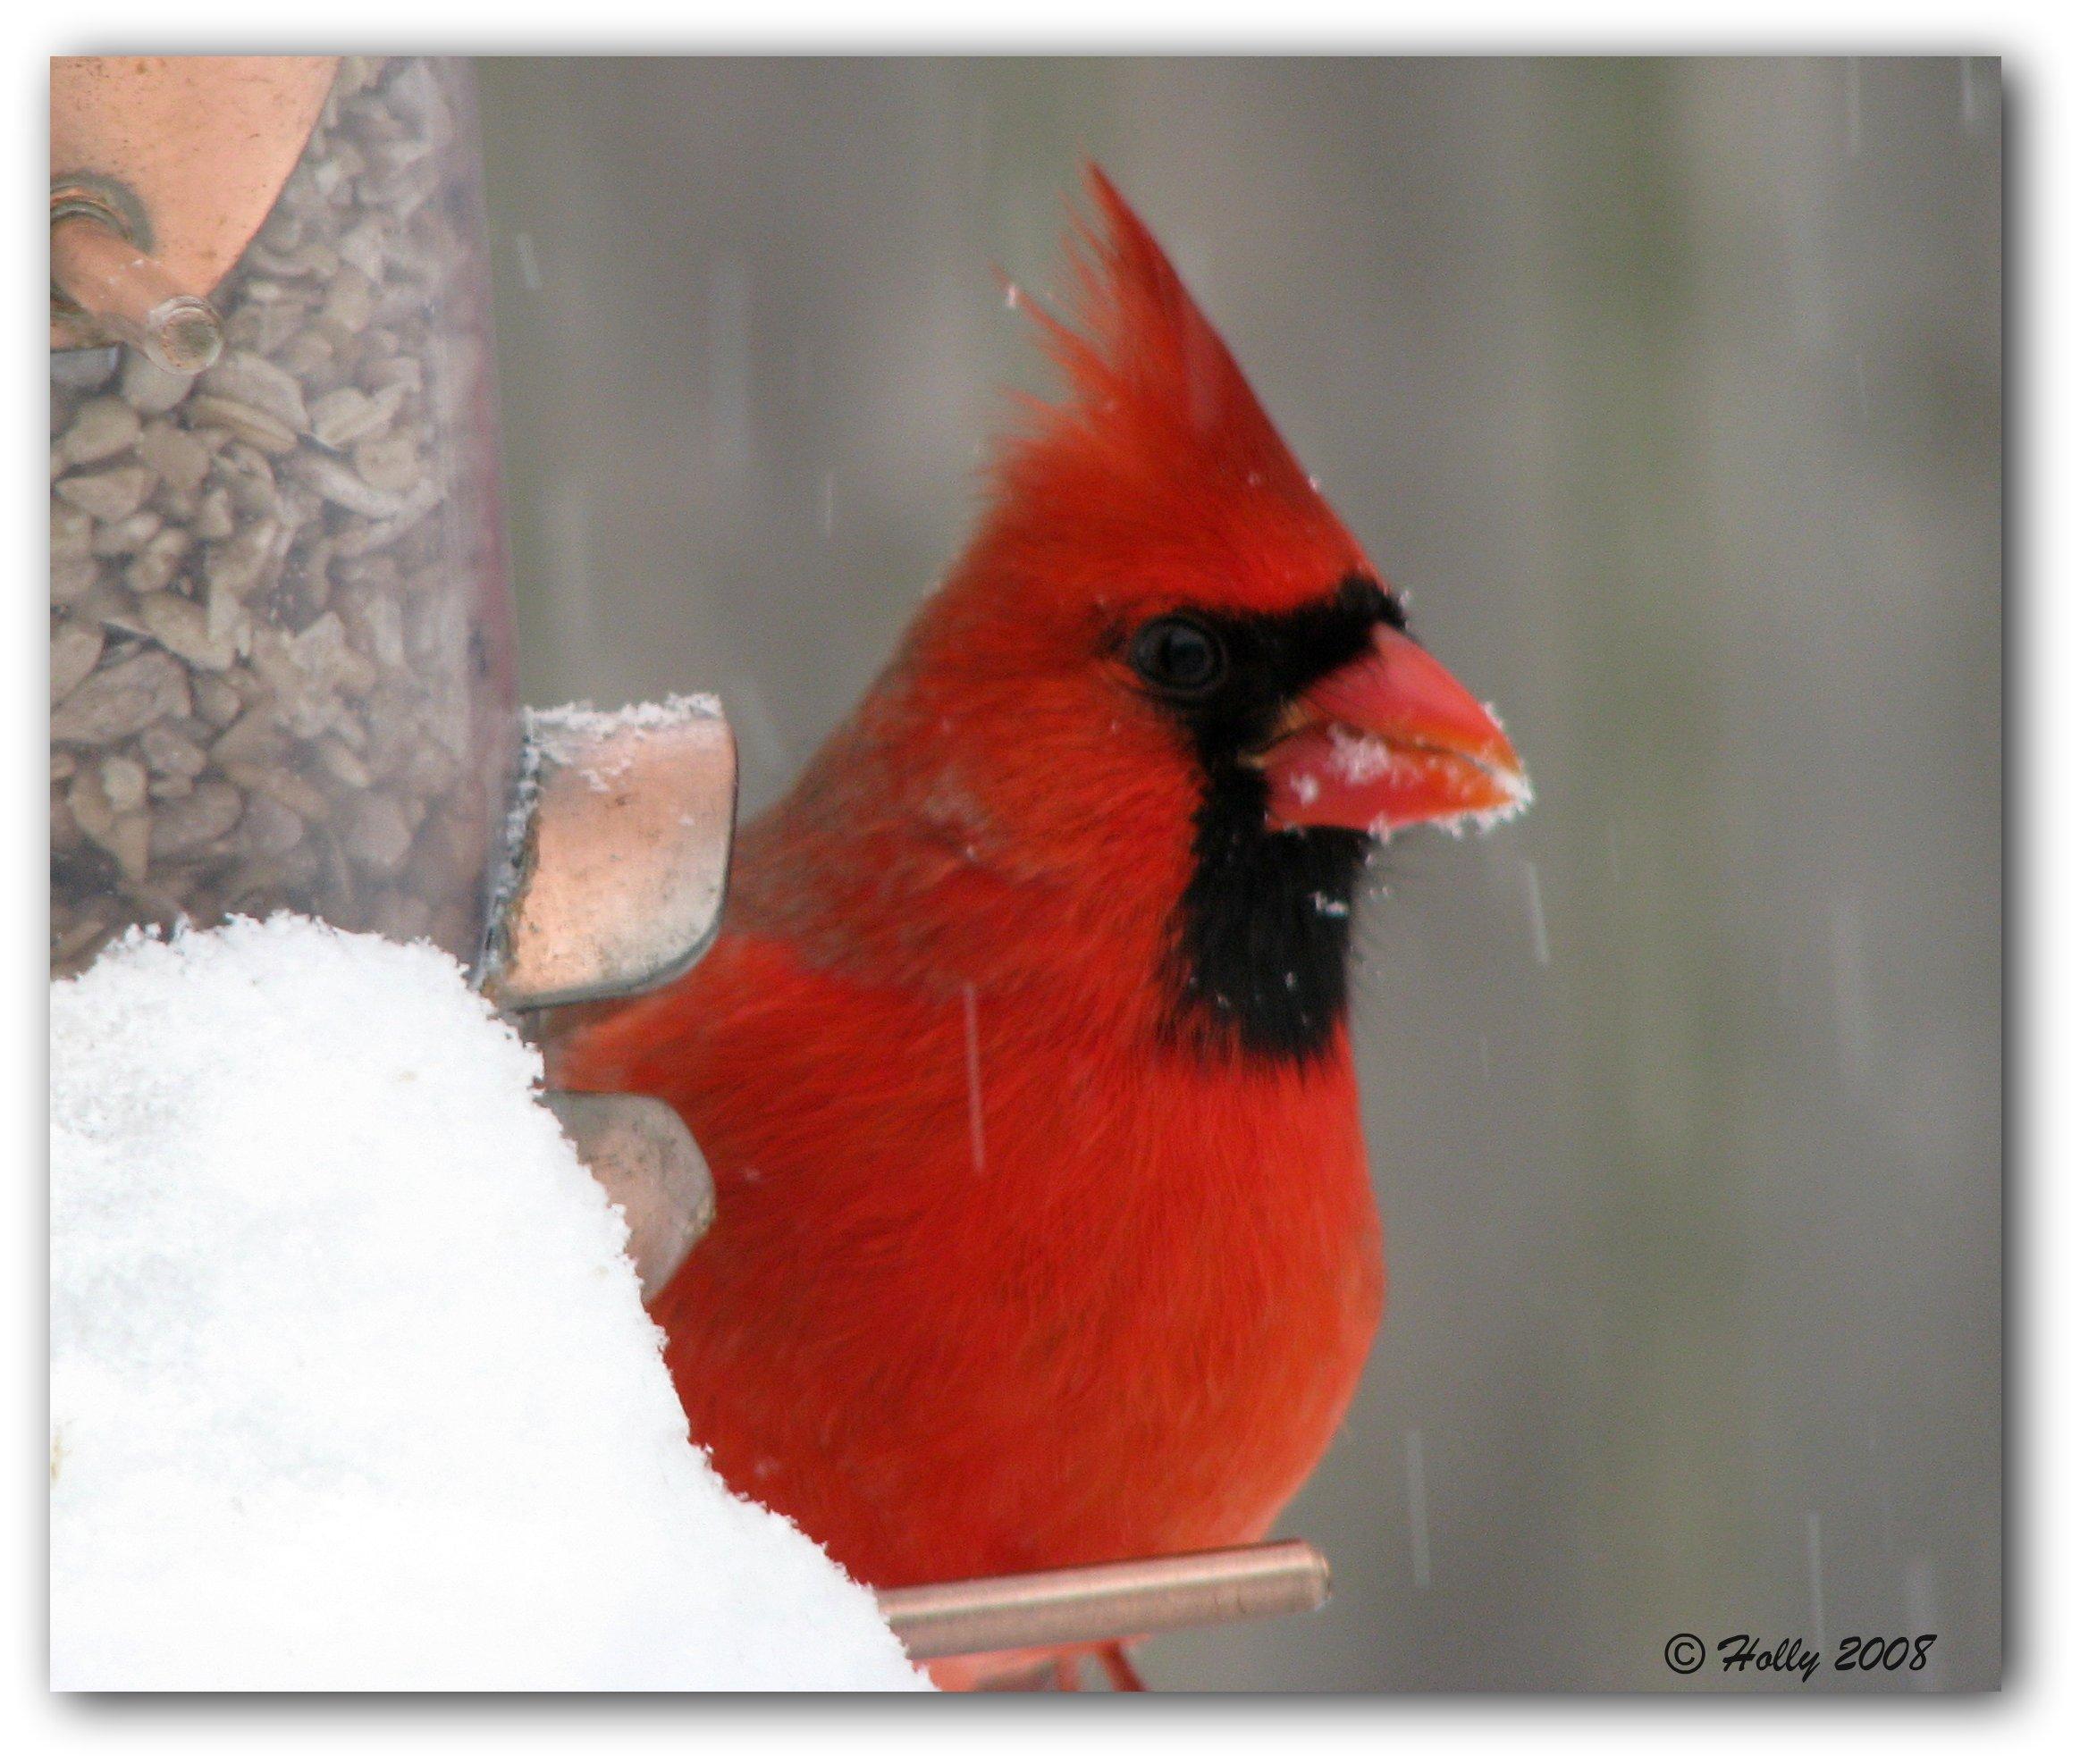 Red Fruits Cardinal Cake